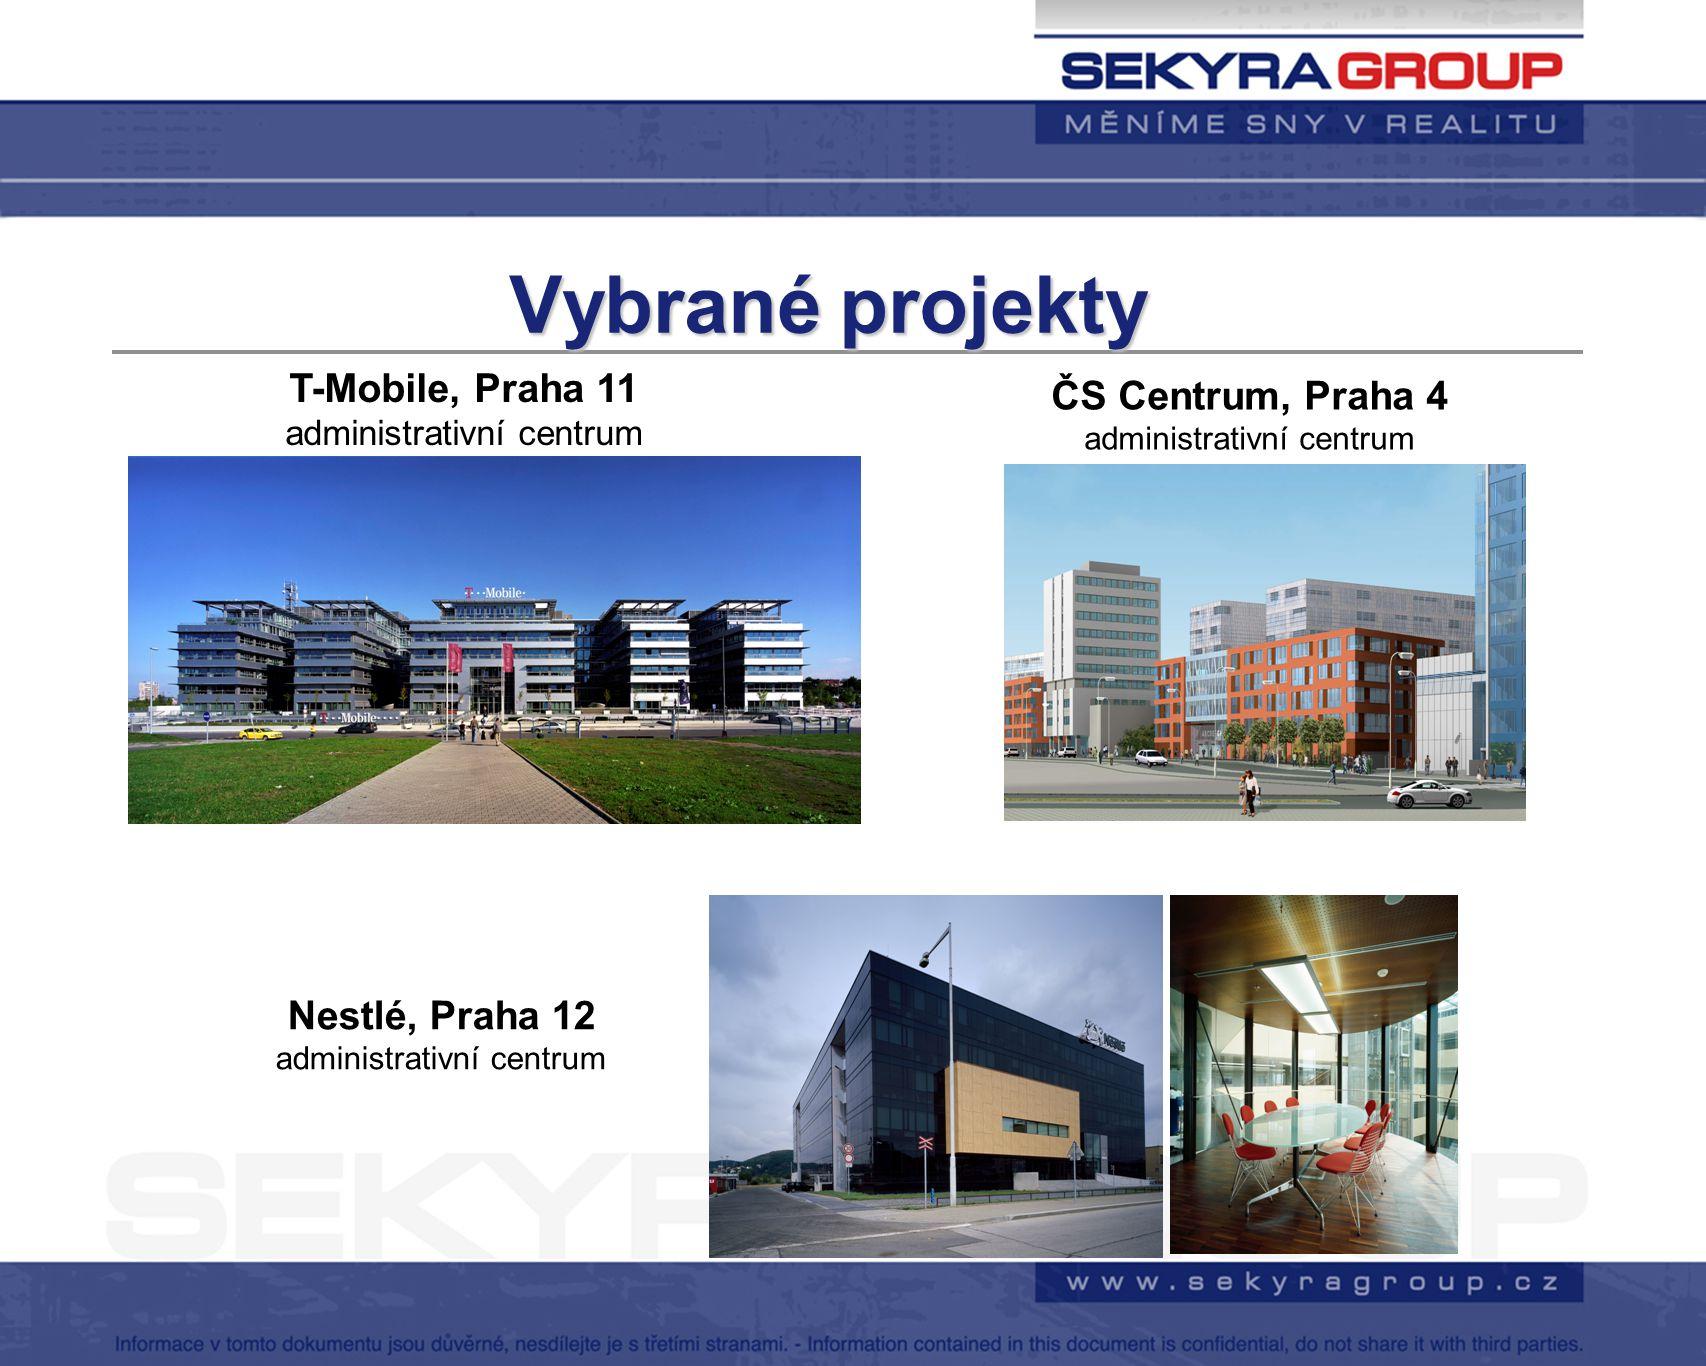 Vybrané projekty T-Mobile, Praha 11 ČS Centrum, Praha 4